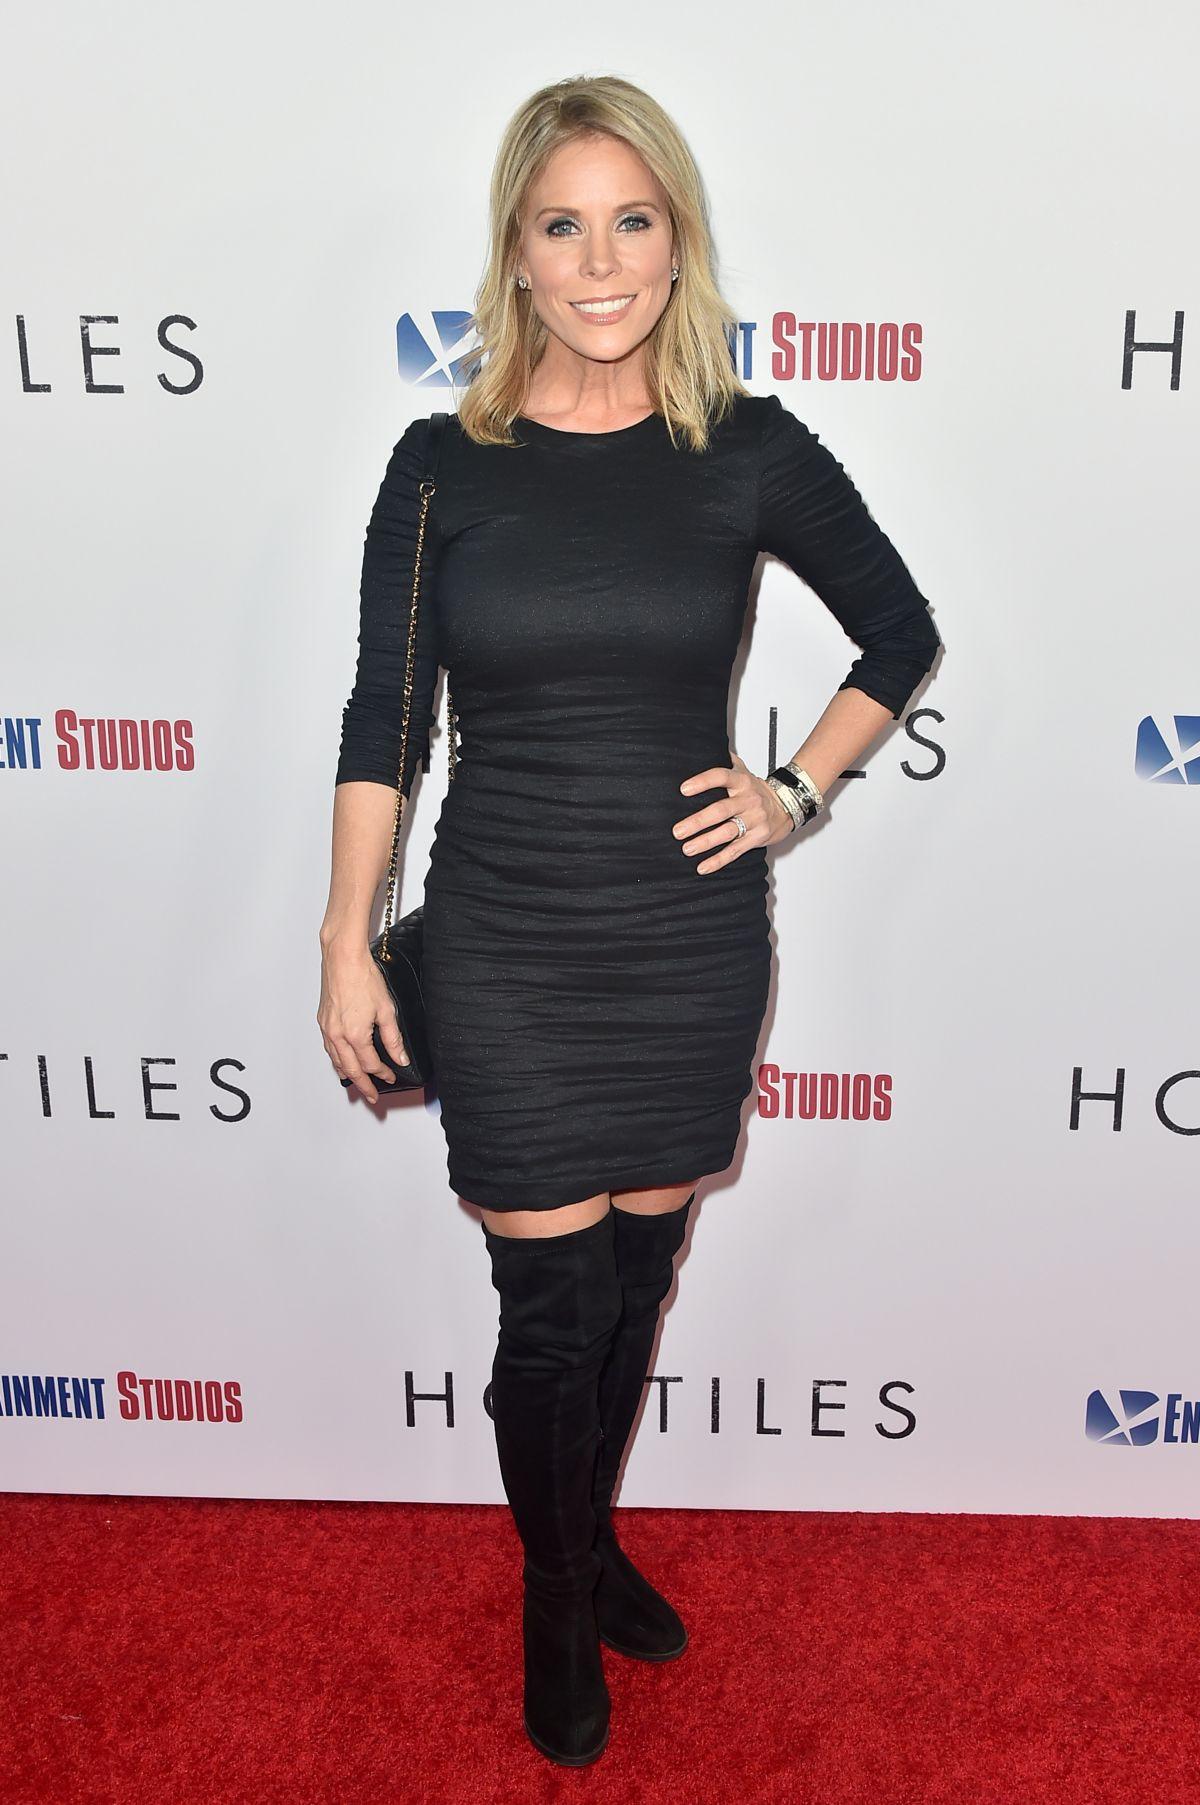 CHERYL HINES at Hostiles Premiere in Los Angeles 12/14 ...